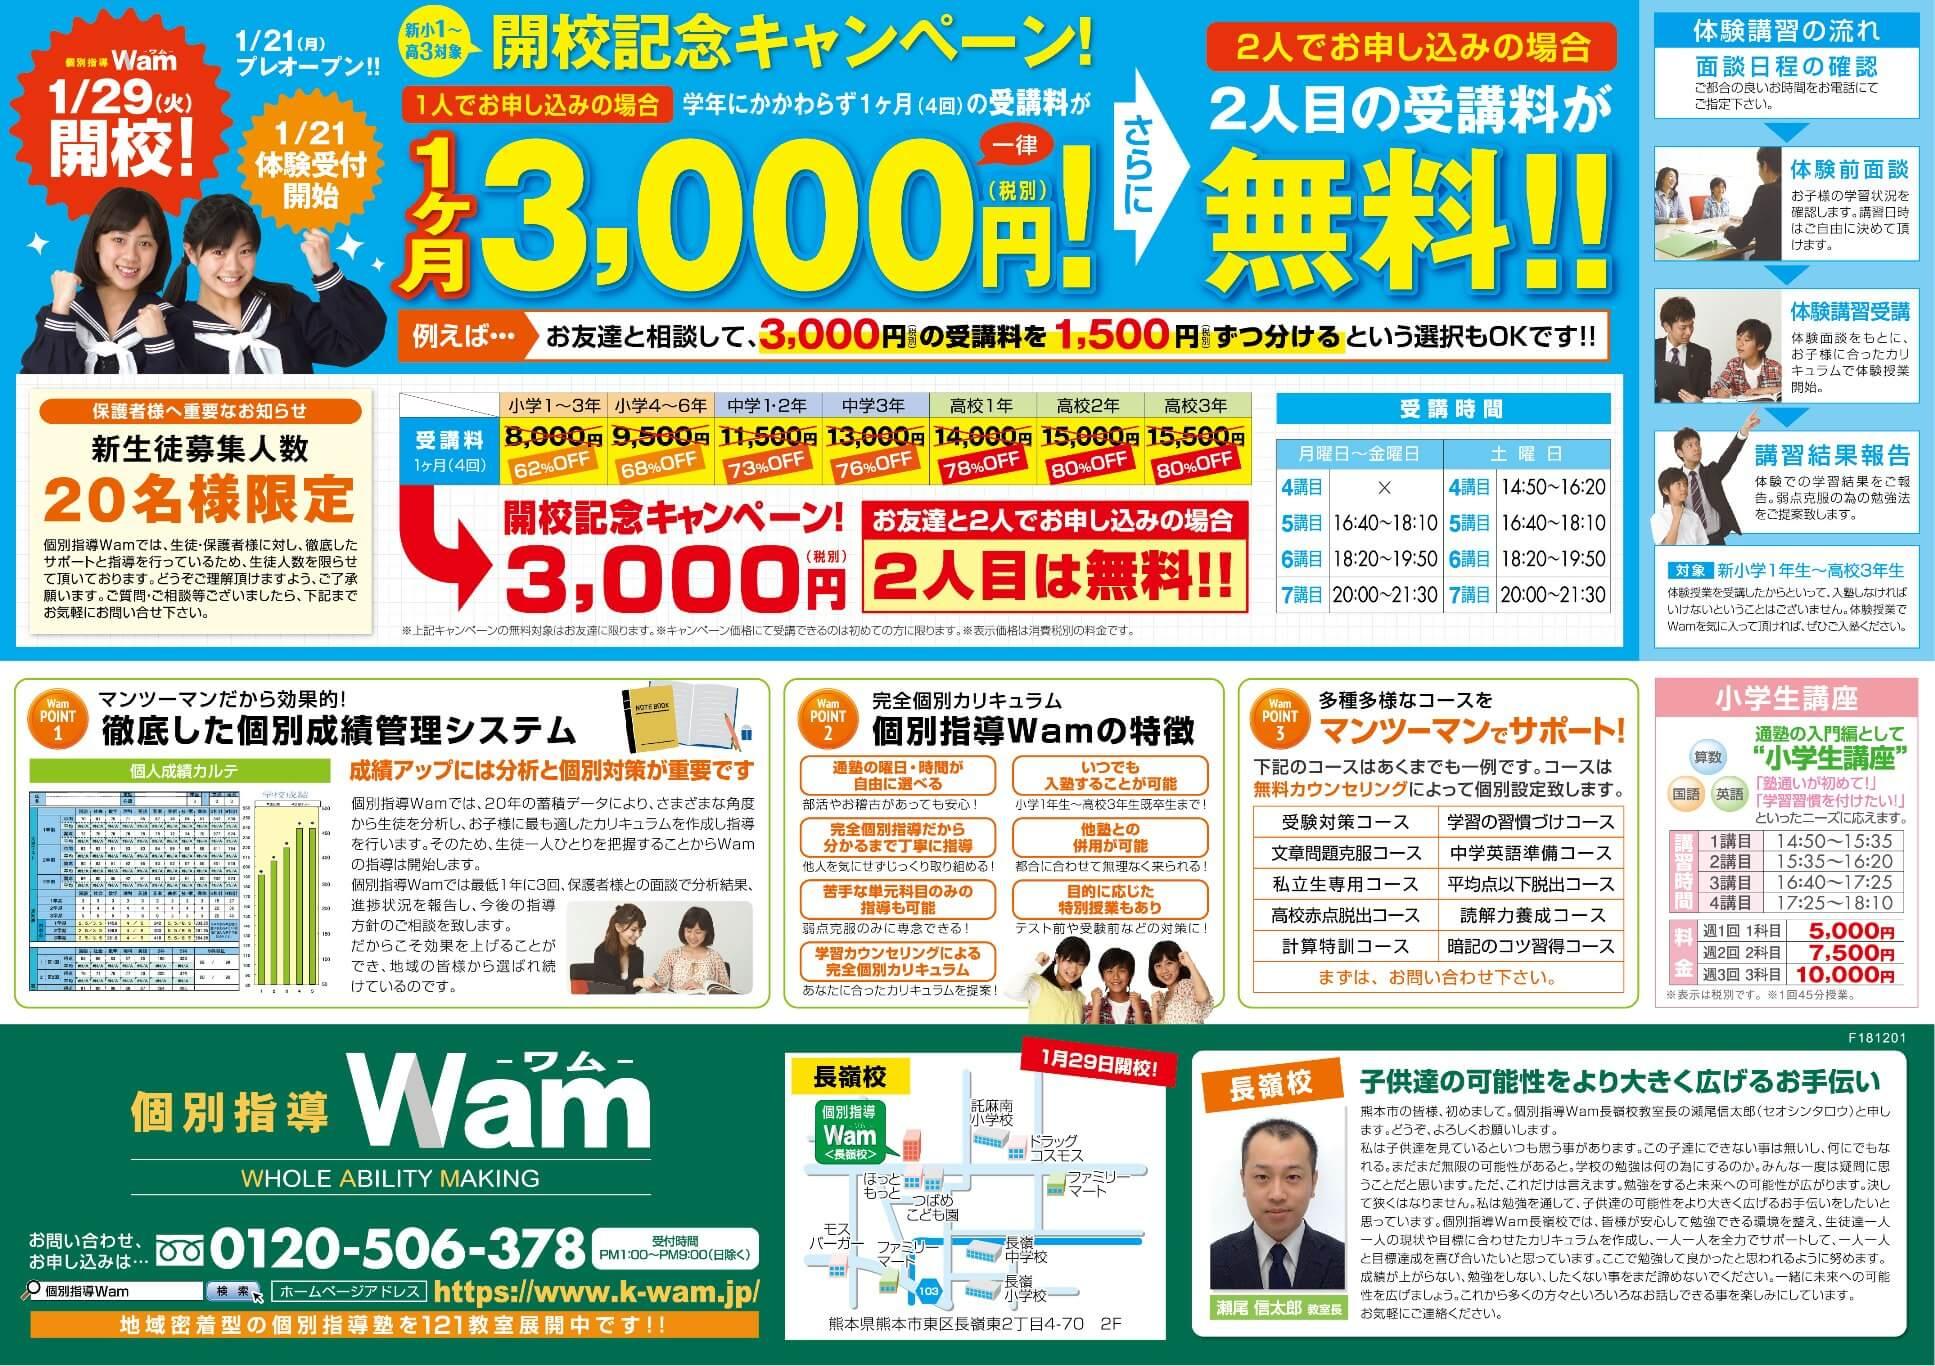 長嶺校 2019年1月21日(月) プレオープン・ウラ面